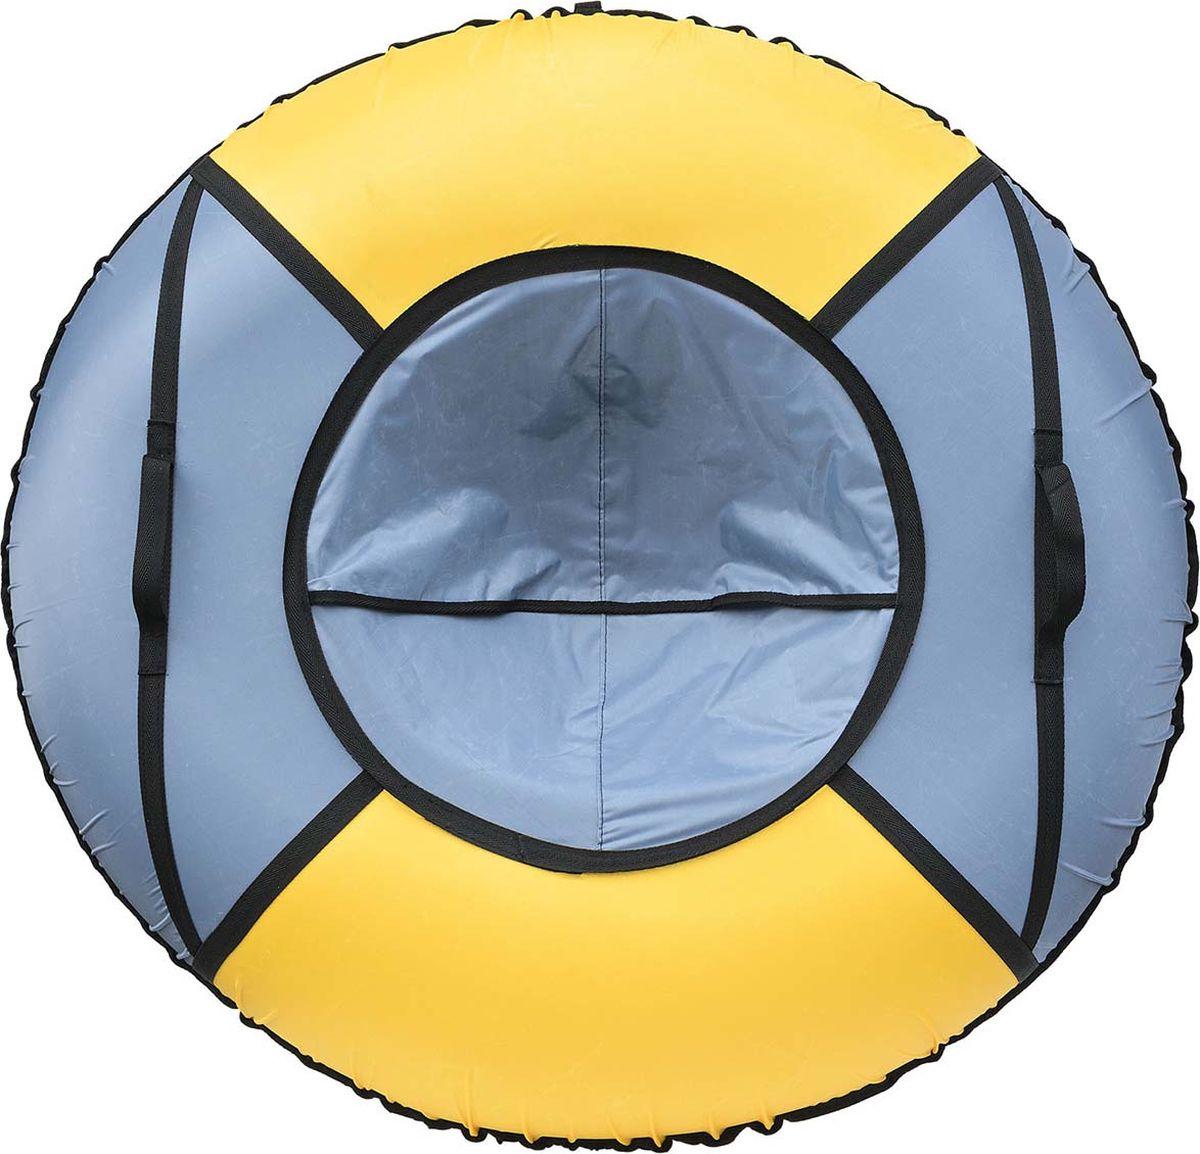 Тюбинг Эх, Прокачу! Эконом-4, цвет: серый, желтый, диаметр 85 смСЭ85-4-3Любимая детская зимняя забава - это кататься с горки. А катание на тюбинге Эх, Прокачу! Эконом-4 надолго запомнится вам и вашим близким. Свежий воздух, веселая компания, веселые развлечения - эти моменты вы будете вспоминать еще долгое время. Специальные материалы и уникальная конструкция днища превосходно скользят, даже если снега совсем немного. Высокая прочность позволит весело проводить время детям и взрослым, не заботясь о поломках. Модель очень вместительная, возможность соскальзывания практически исключена.Особенности:Материал дна - ткань ПВХ, плотность 630 г/м2. Материал верха - ткань Oxford, плотность 420 г/м2. Диаметр в надутом виде - 85 см.Морозоустойчивость - до -45 градусов.Камера российского производства, буксировочный ремень.Тюбинг не предназначен для буксировки механическими или транспортными средствами (подъемники, канатные дороги, лебедки, автомобиль, снегоход, квадроцикл и т.д.).Допускается деформация формы санок из-за неравномерности надувания камеры.Зимние игры на свежем воздухе. Статья OZON Гид